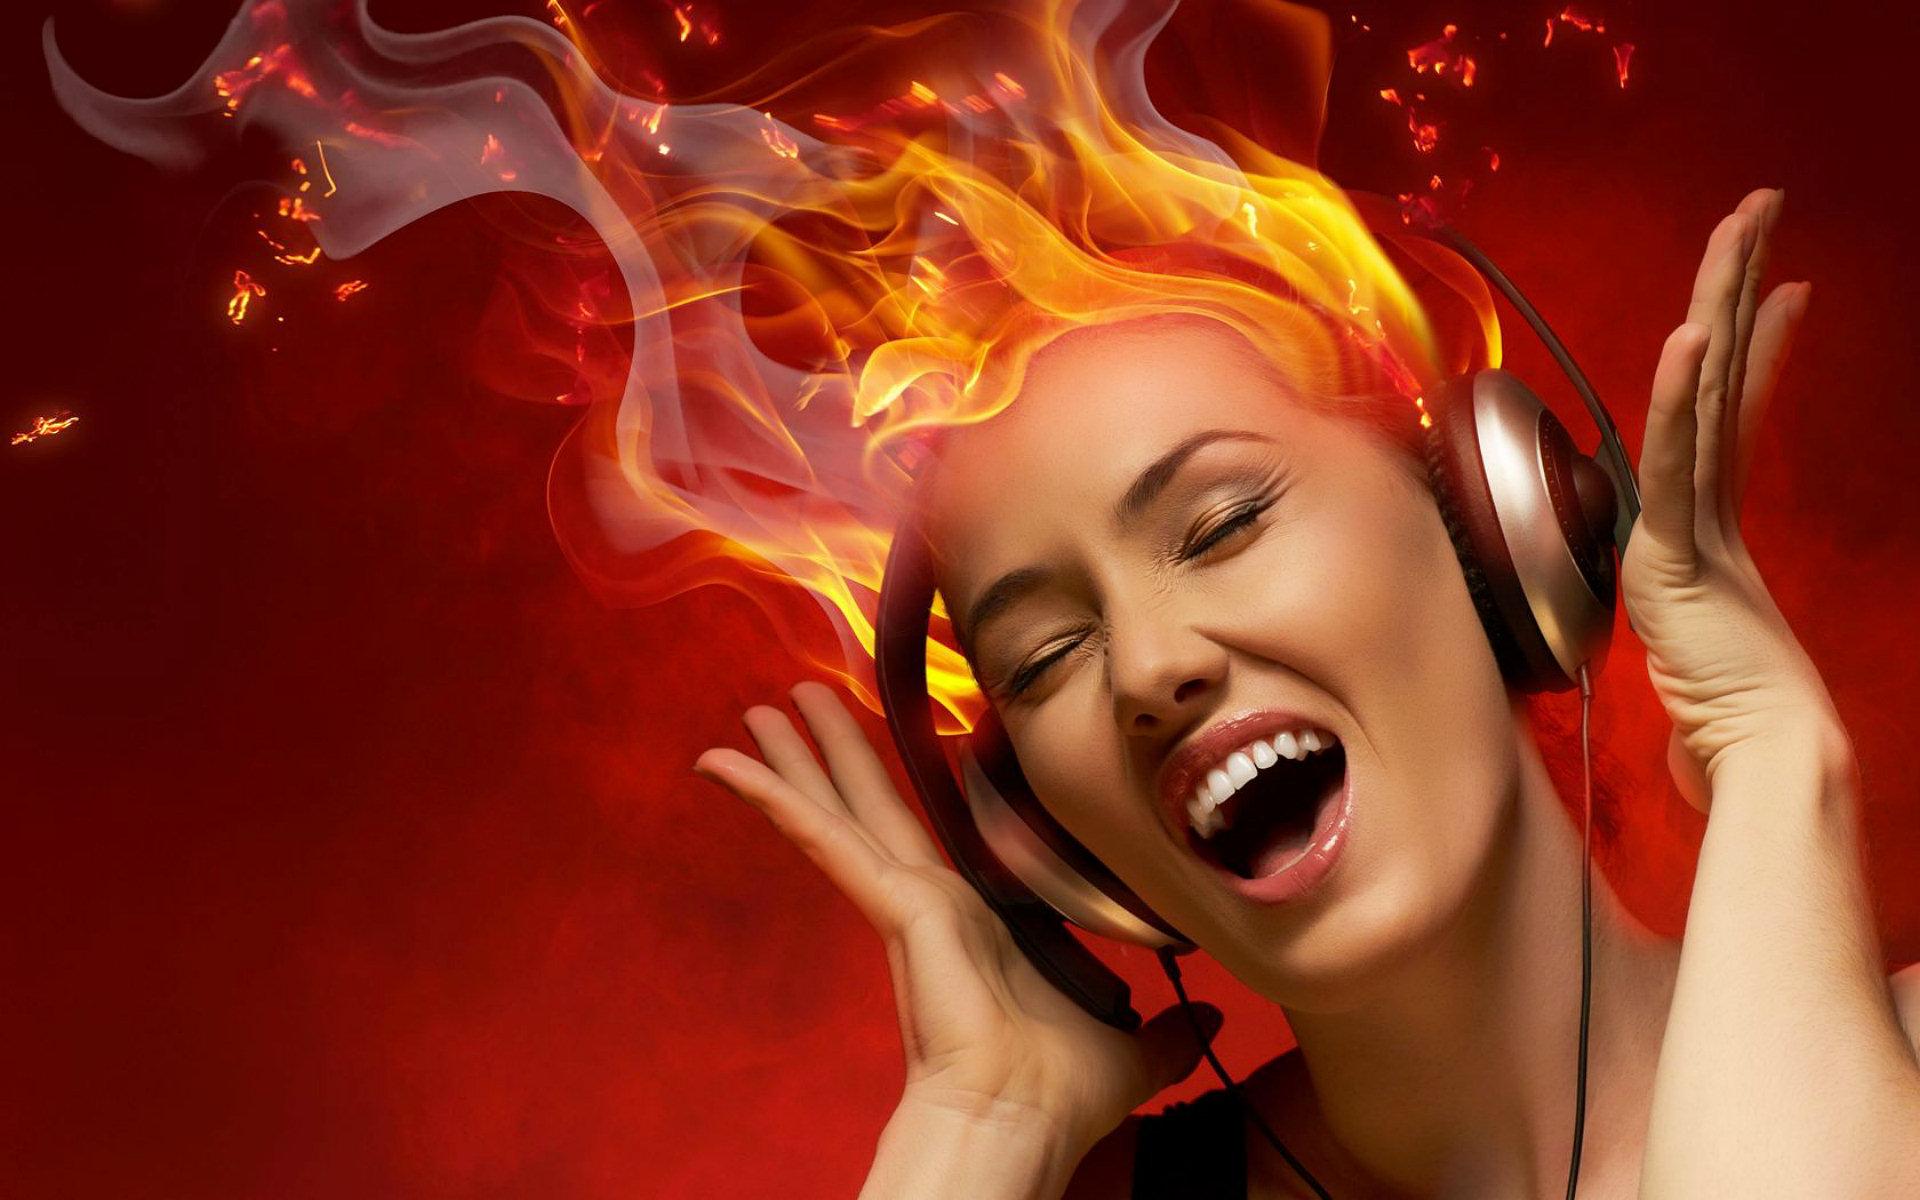 Hot Music Art   ID 75209   Art Abyss 1920x1200